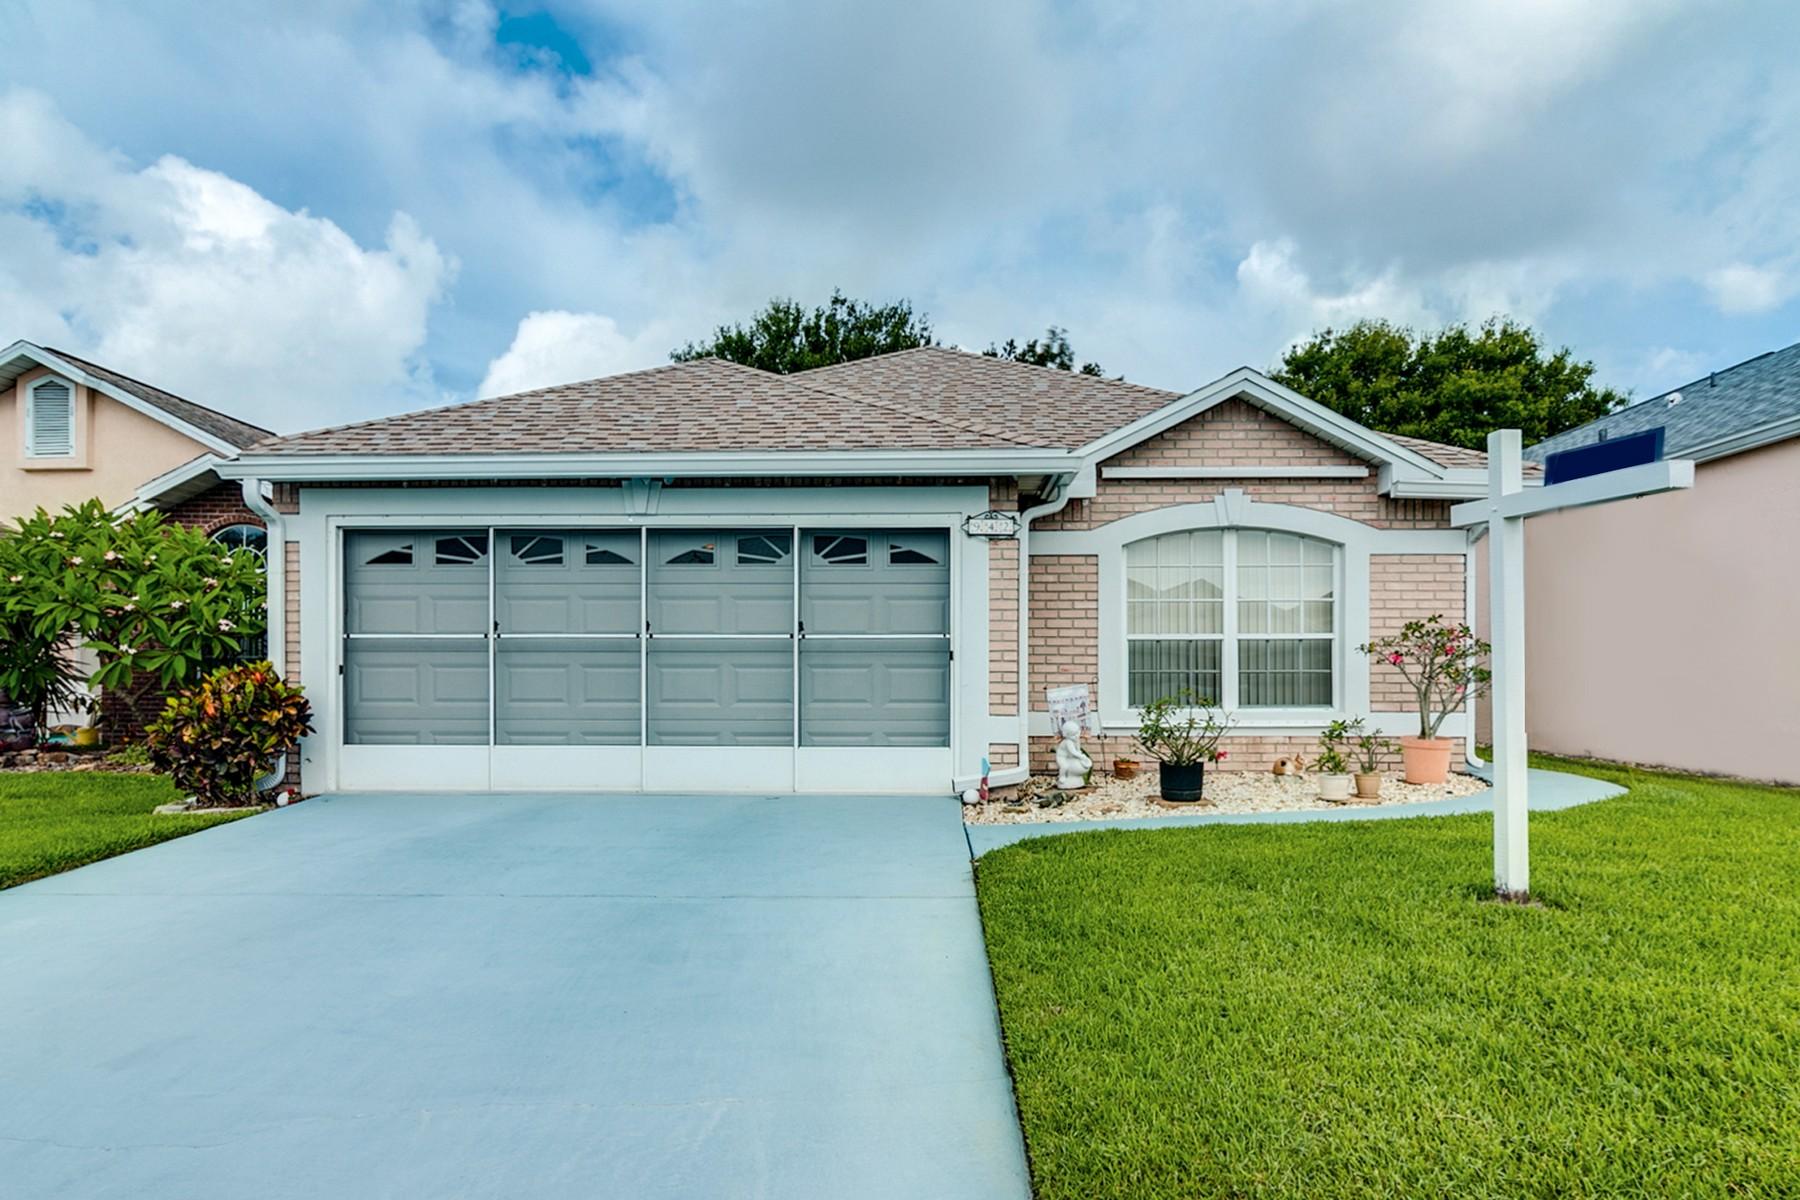 단독 가정 주택 용 매매 에 942 S Fork Circle Melbourne, 플로리다, 32901 미국